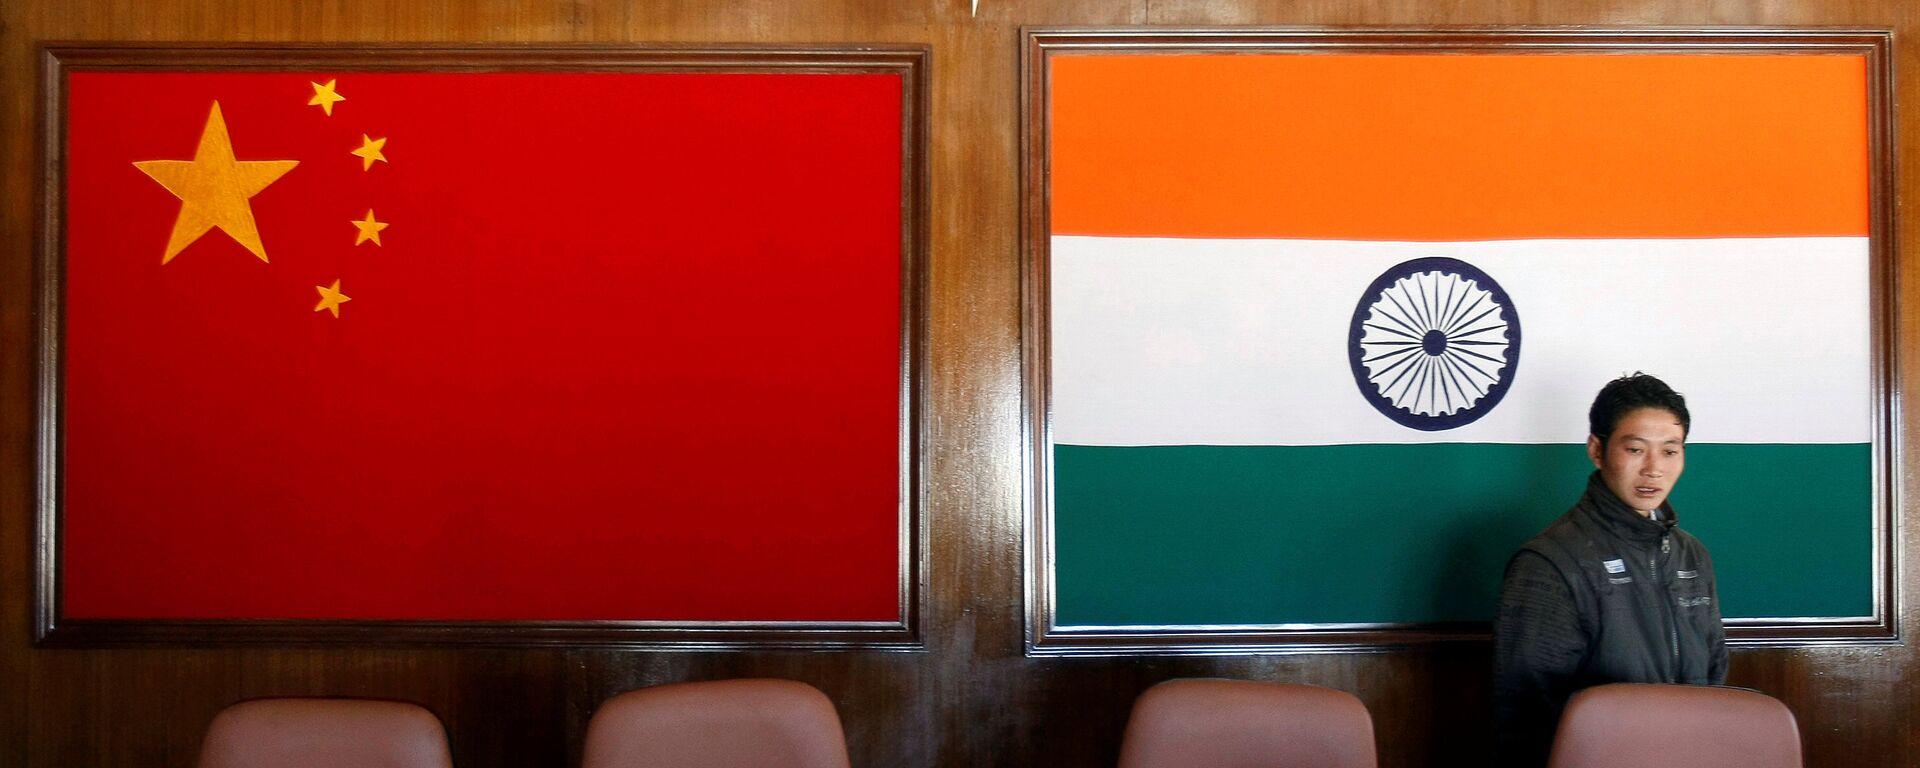 Lá cờ của Trung Quốc và Ấn Độ - Sputnik Việt Nam, 1920, 04.08.2021